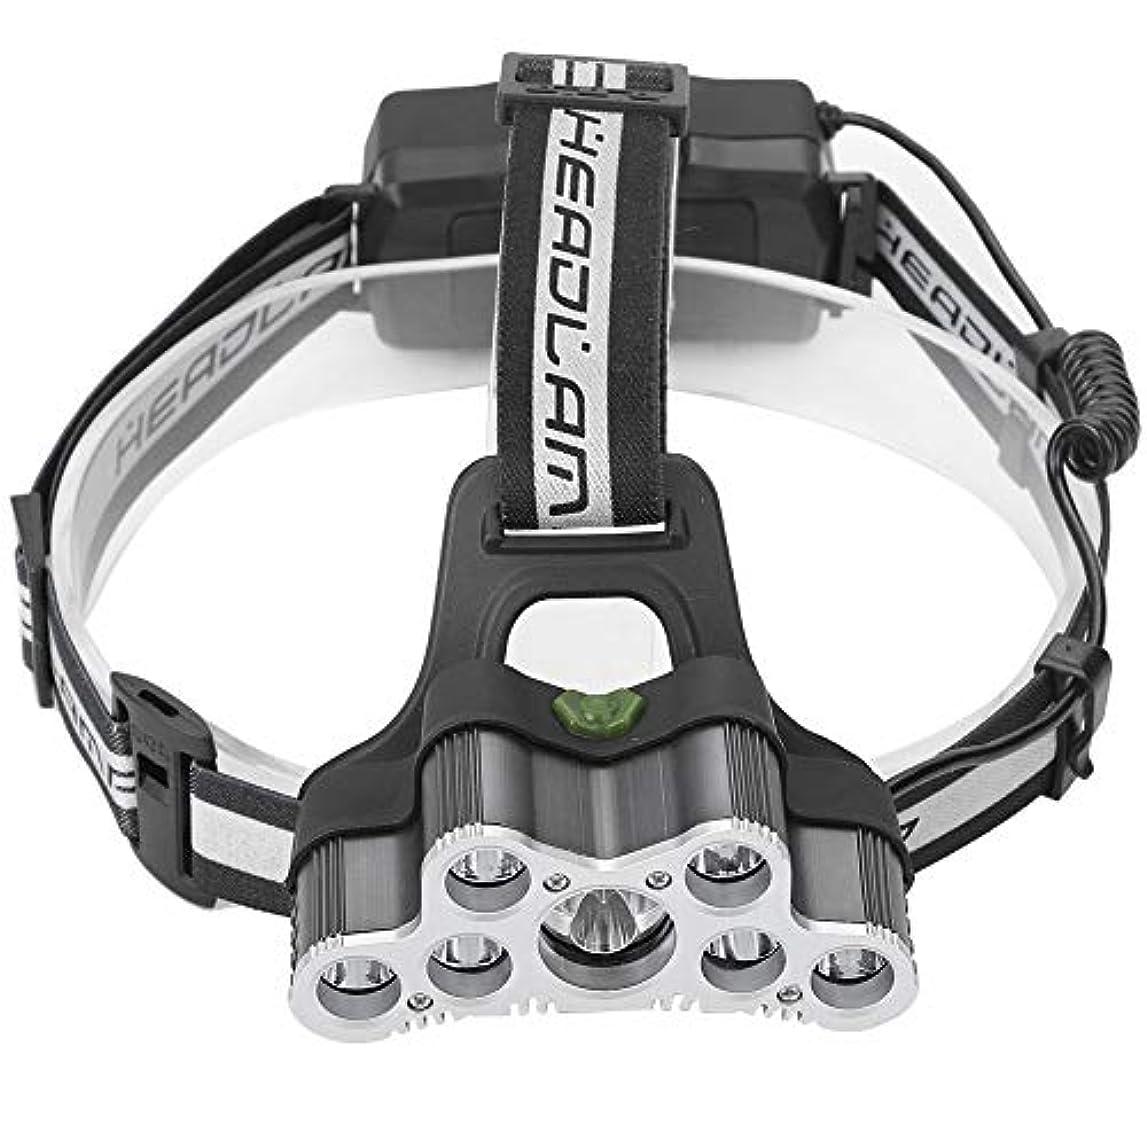 ガラガラキャップ収束するQiilu ヘッドライト LED ヘッドランプ 6点灯モード キャップライト 9個ビーズ IP44防水 調整可能 釣り 登山 夜作業 アウトドア用